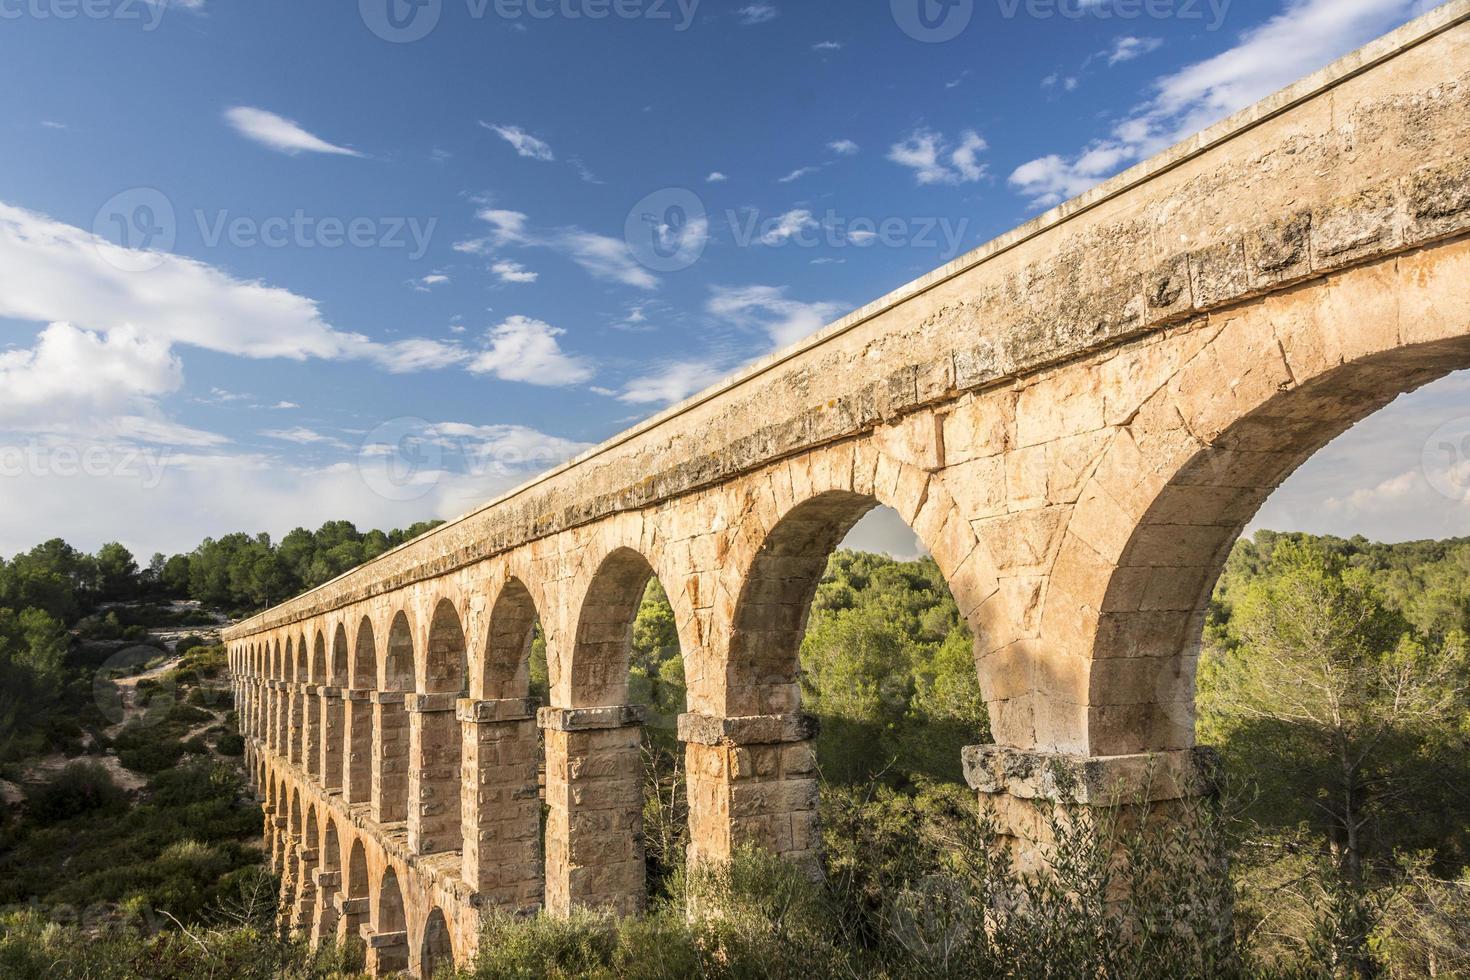 Roman Aqueduct Pont del Diable in Tarragona photo